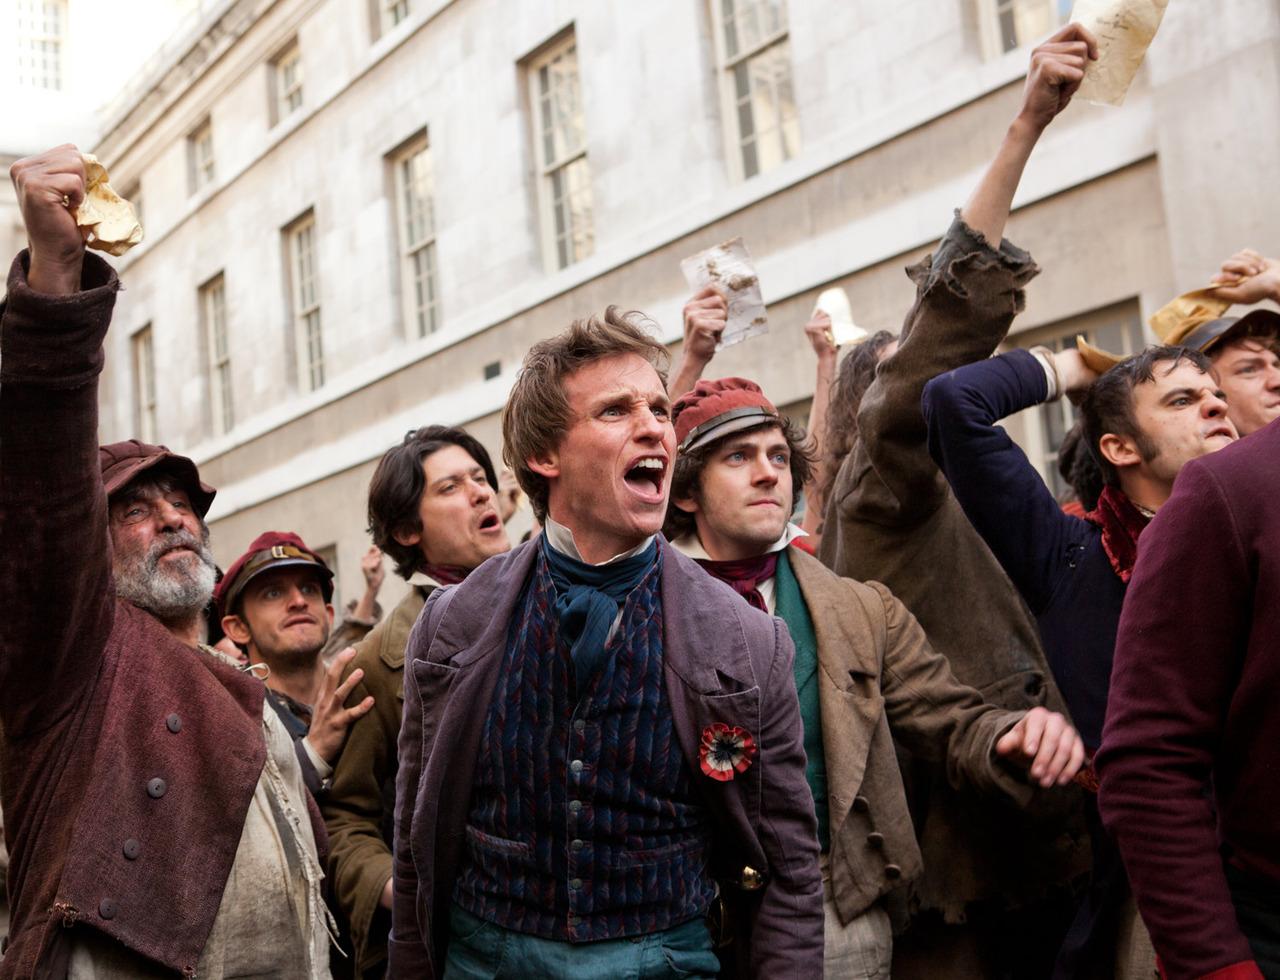 http://2.bp.blogspot.com/-lNL0No1cLPM/UN-5BfGDj-I/AAAAAAAAQDI/rztP_R1Q7zU/s1600/Les-Miserables-Still-les-miserables-2012-movie-32902249-1280-980.jpg